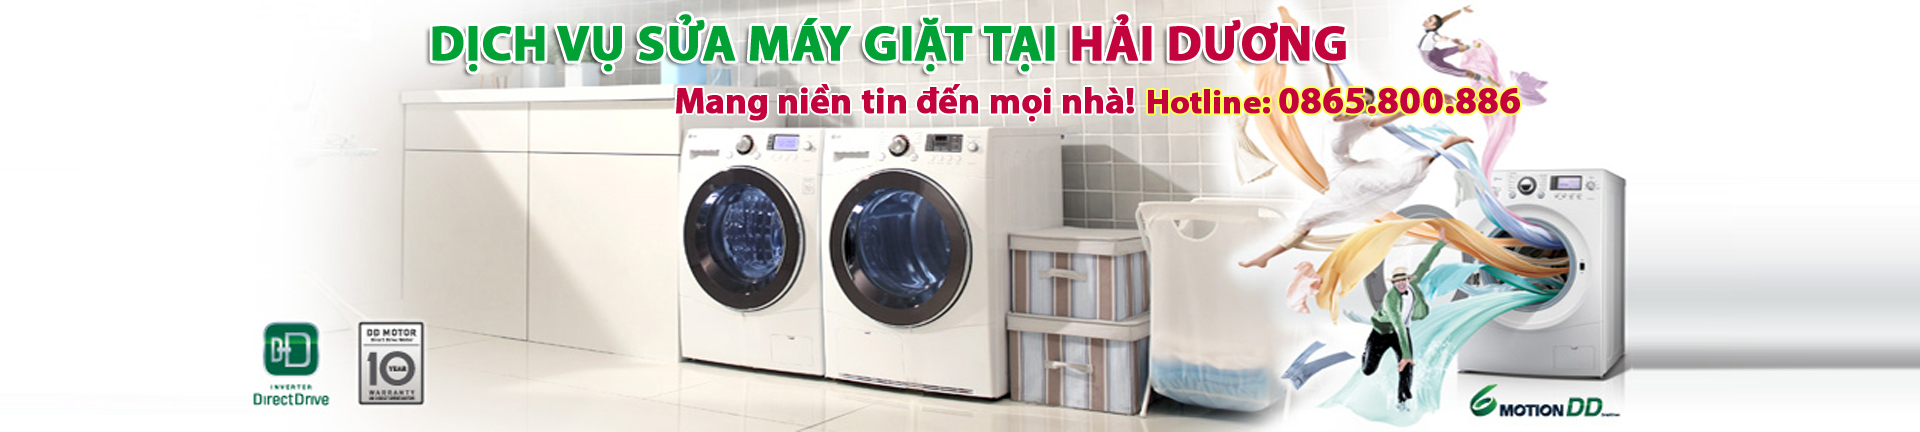 Sửa chữa: Điều hòa, Máy Giặt tại Hải Dương   Thợ giỏi